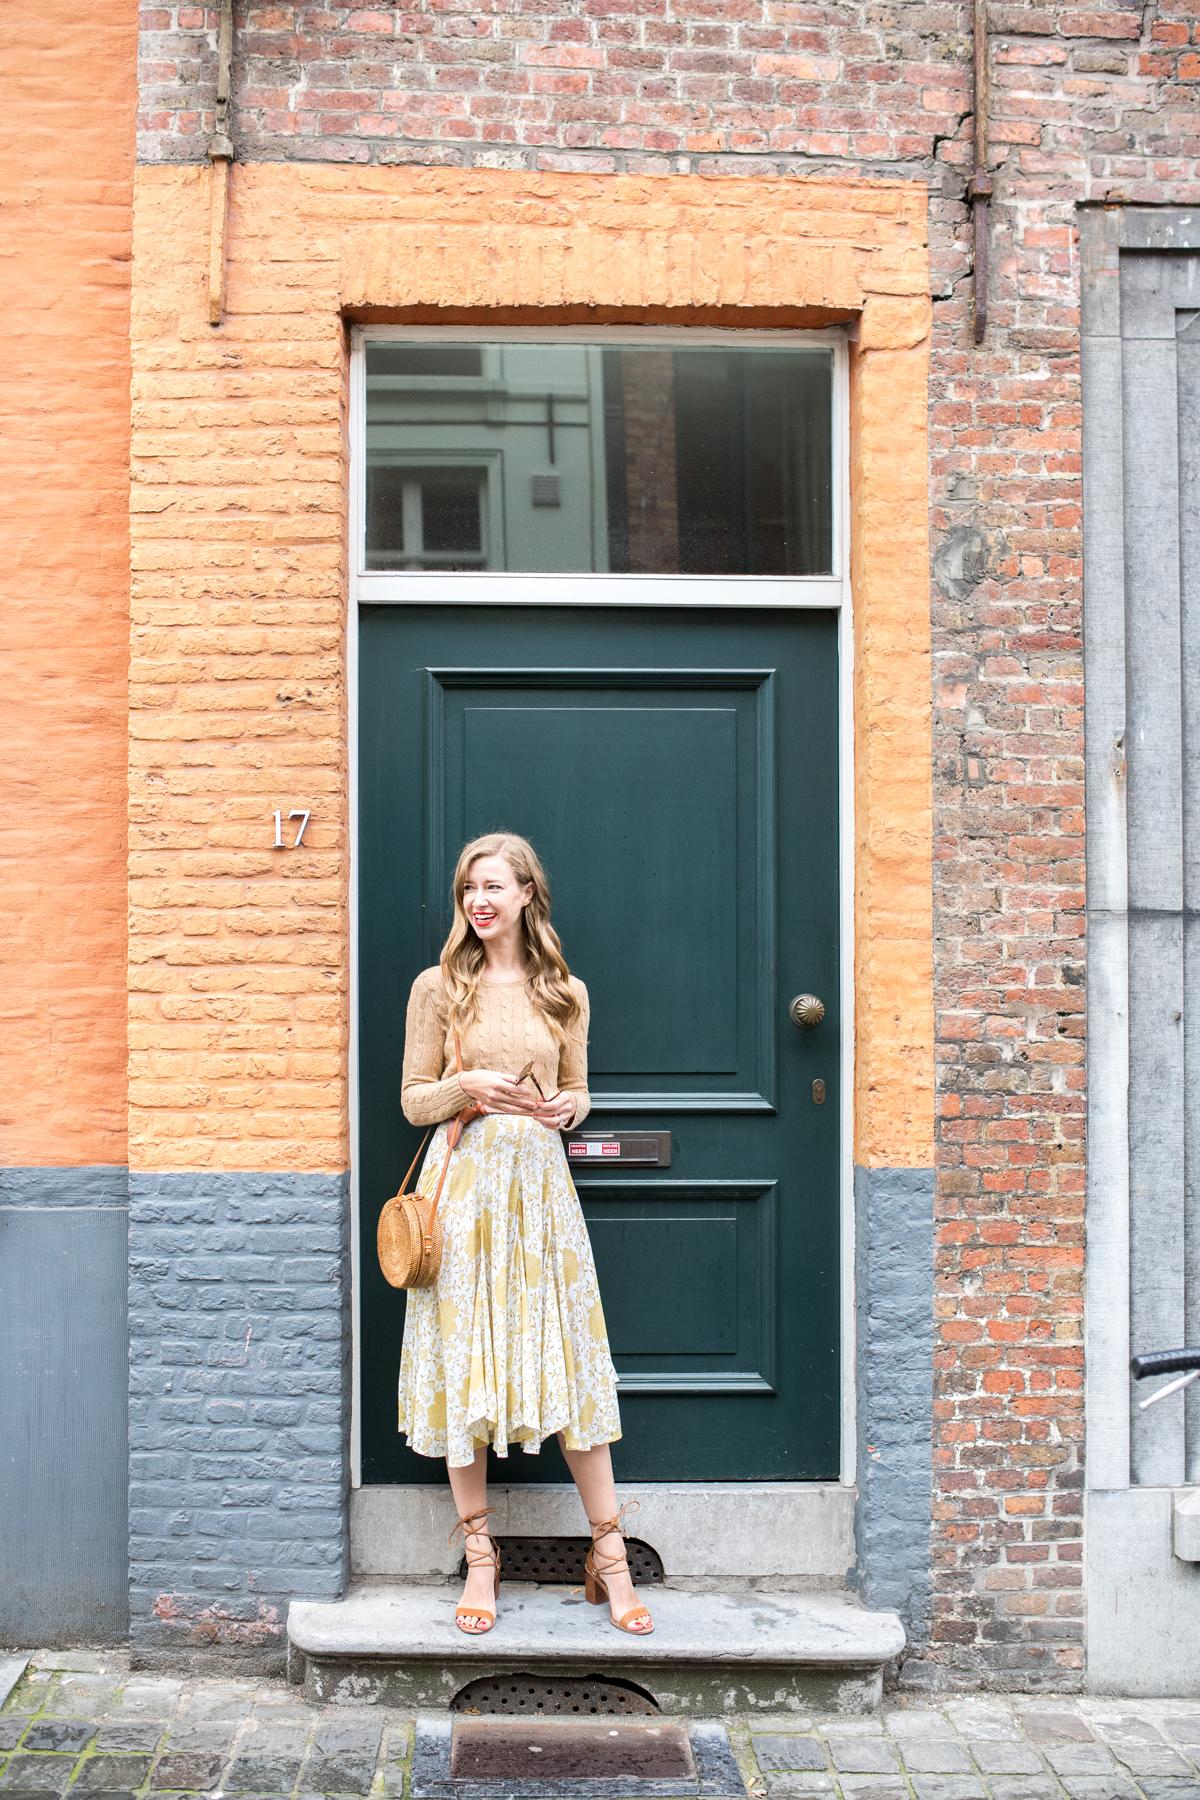 Stacie Flinner Brugge City Guide-7.jpg